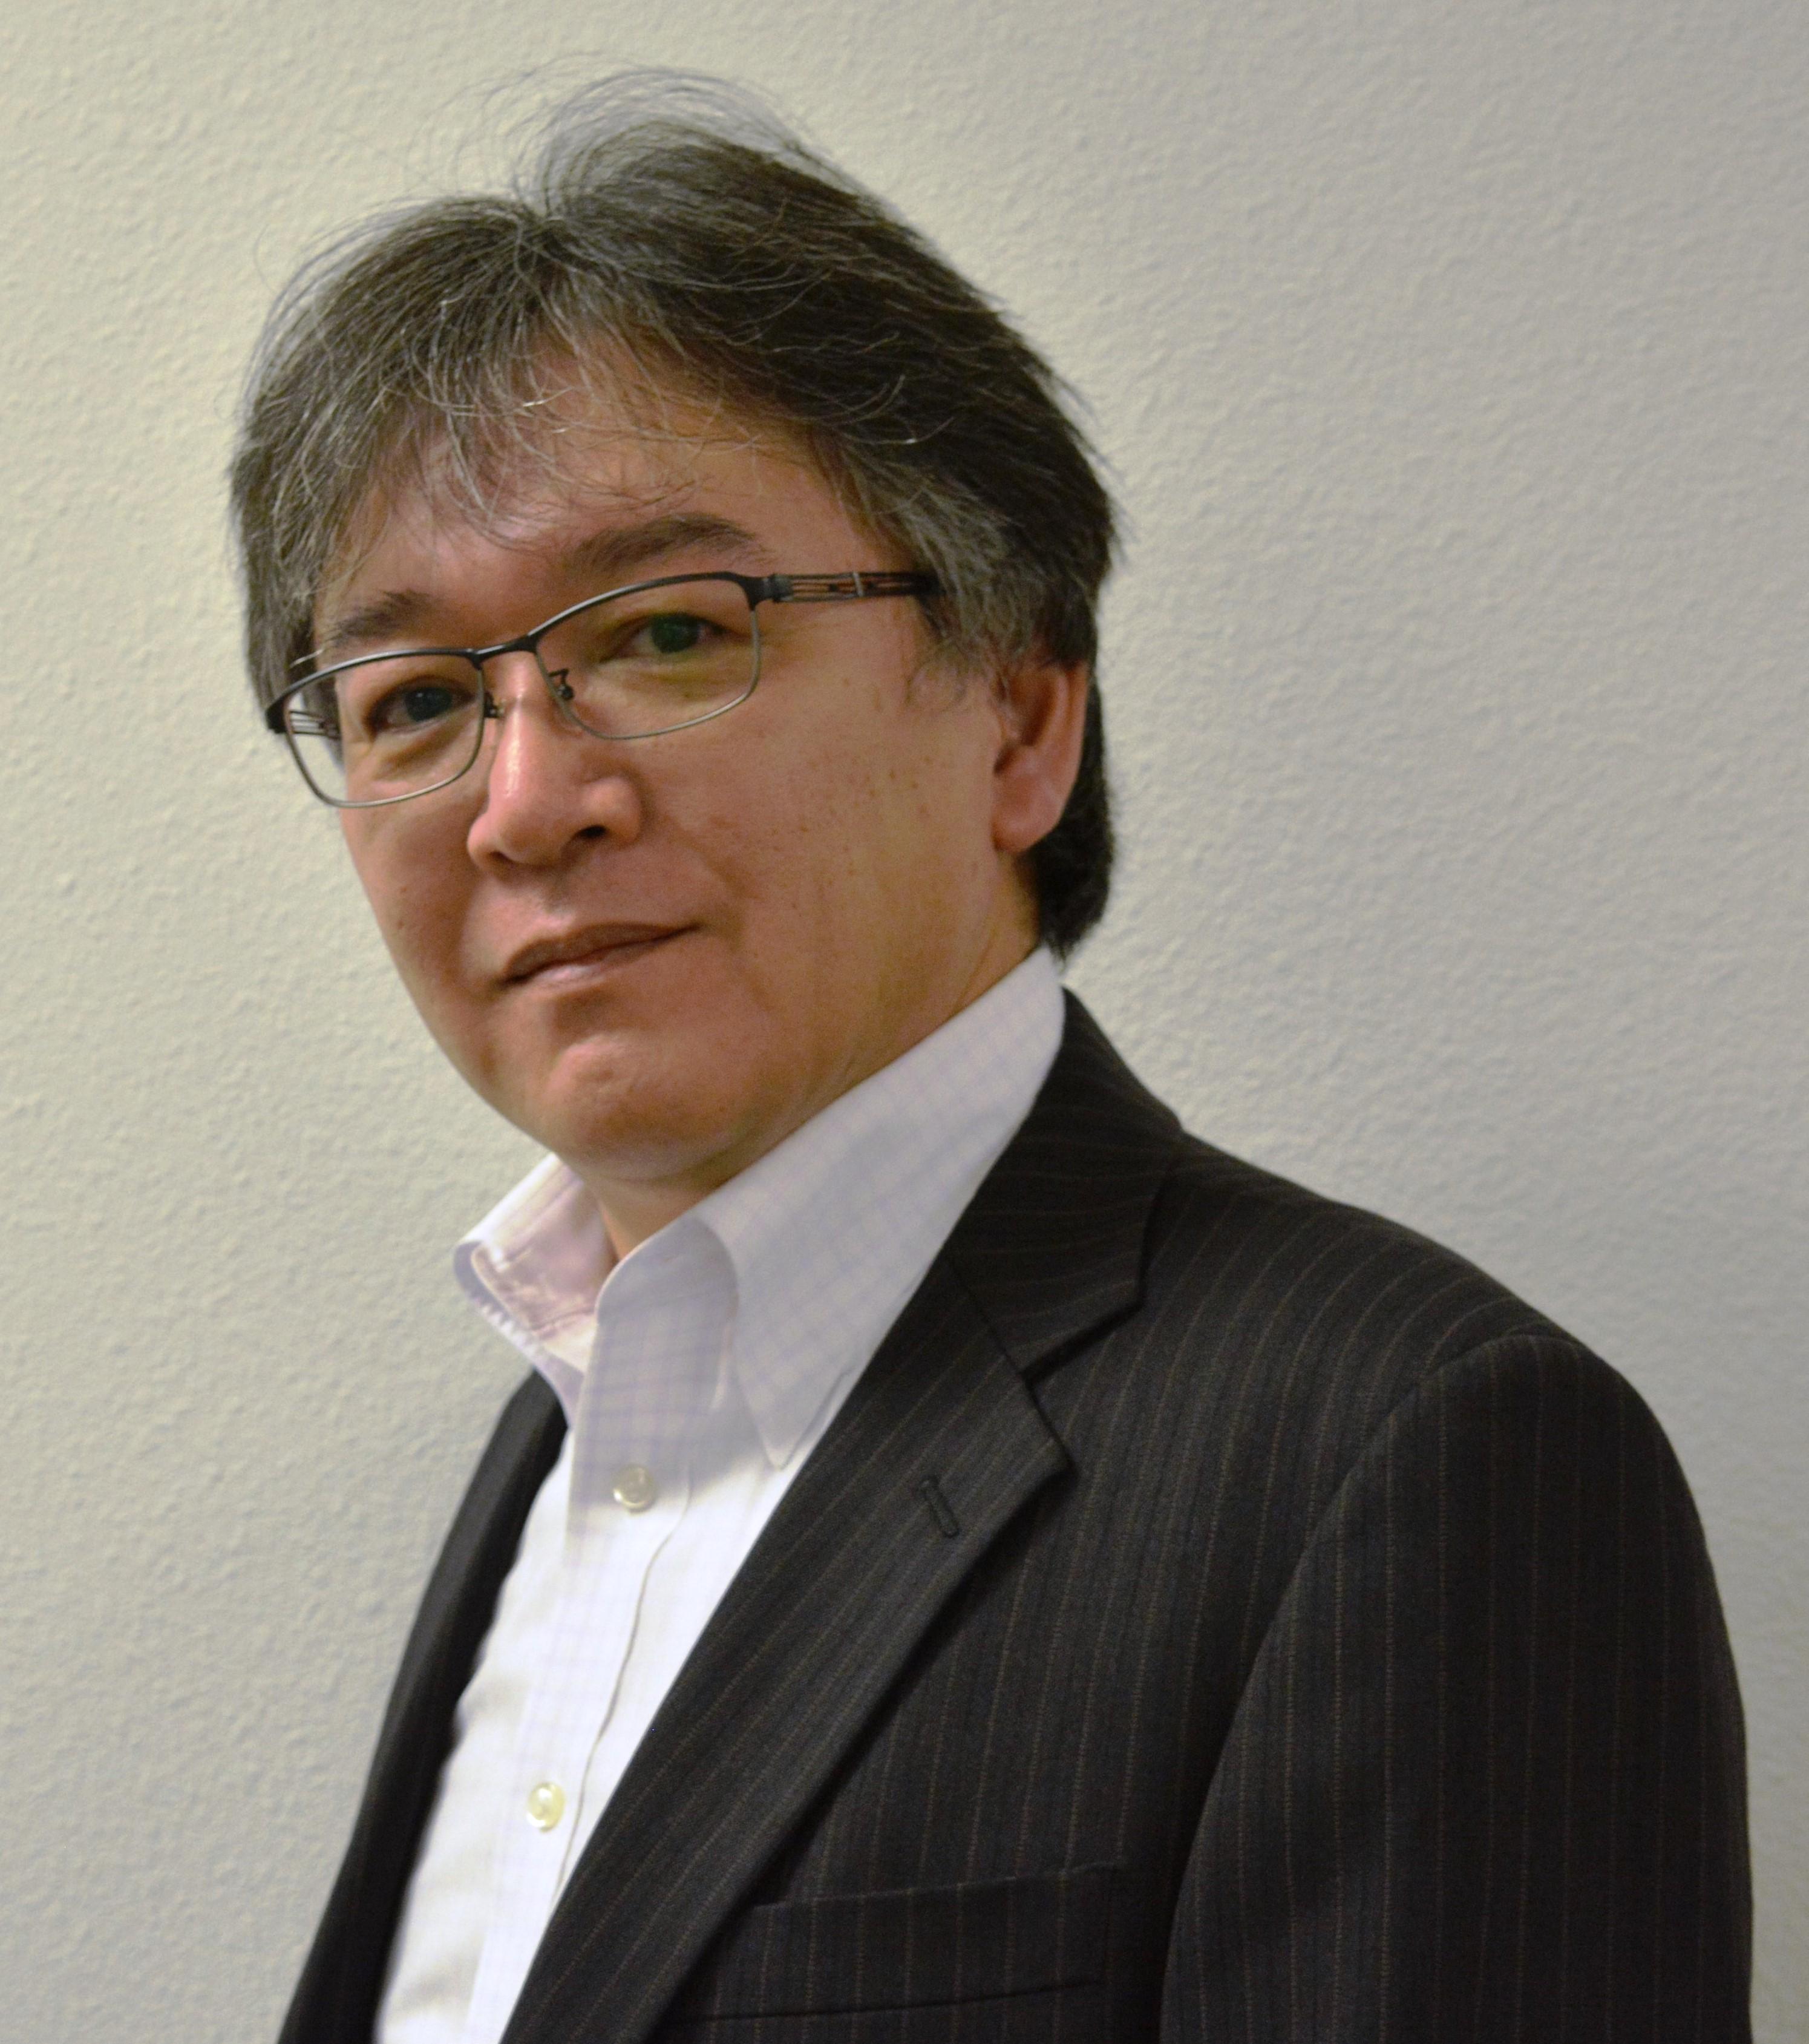 Yoshi_Murakami.jpg